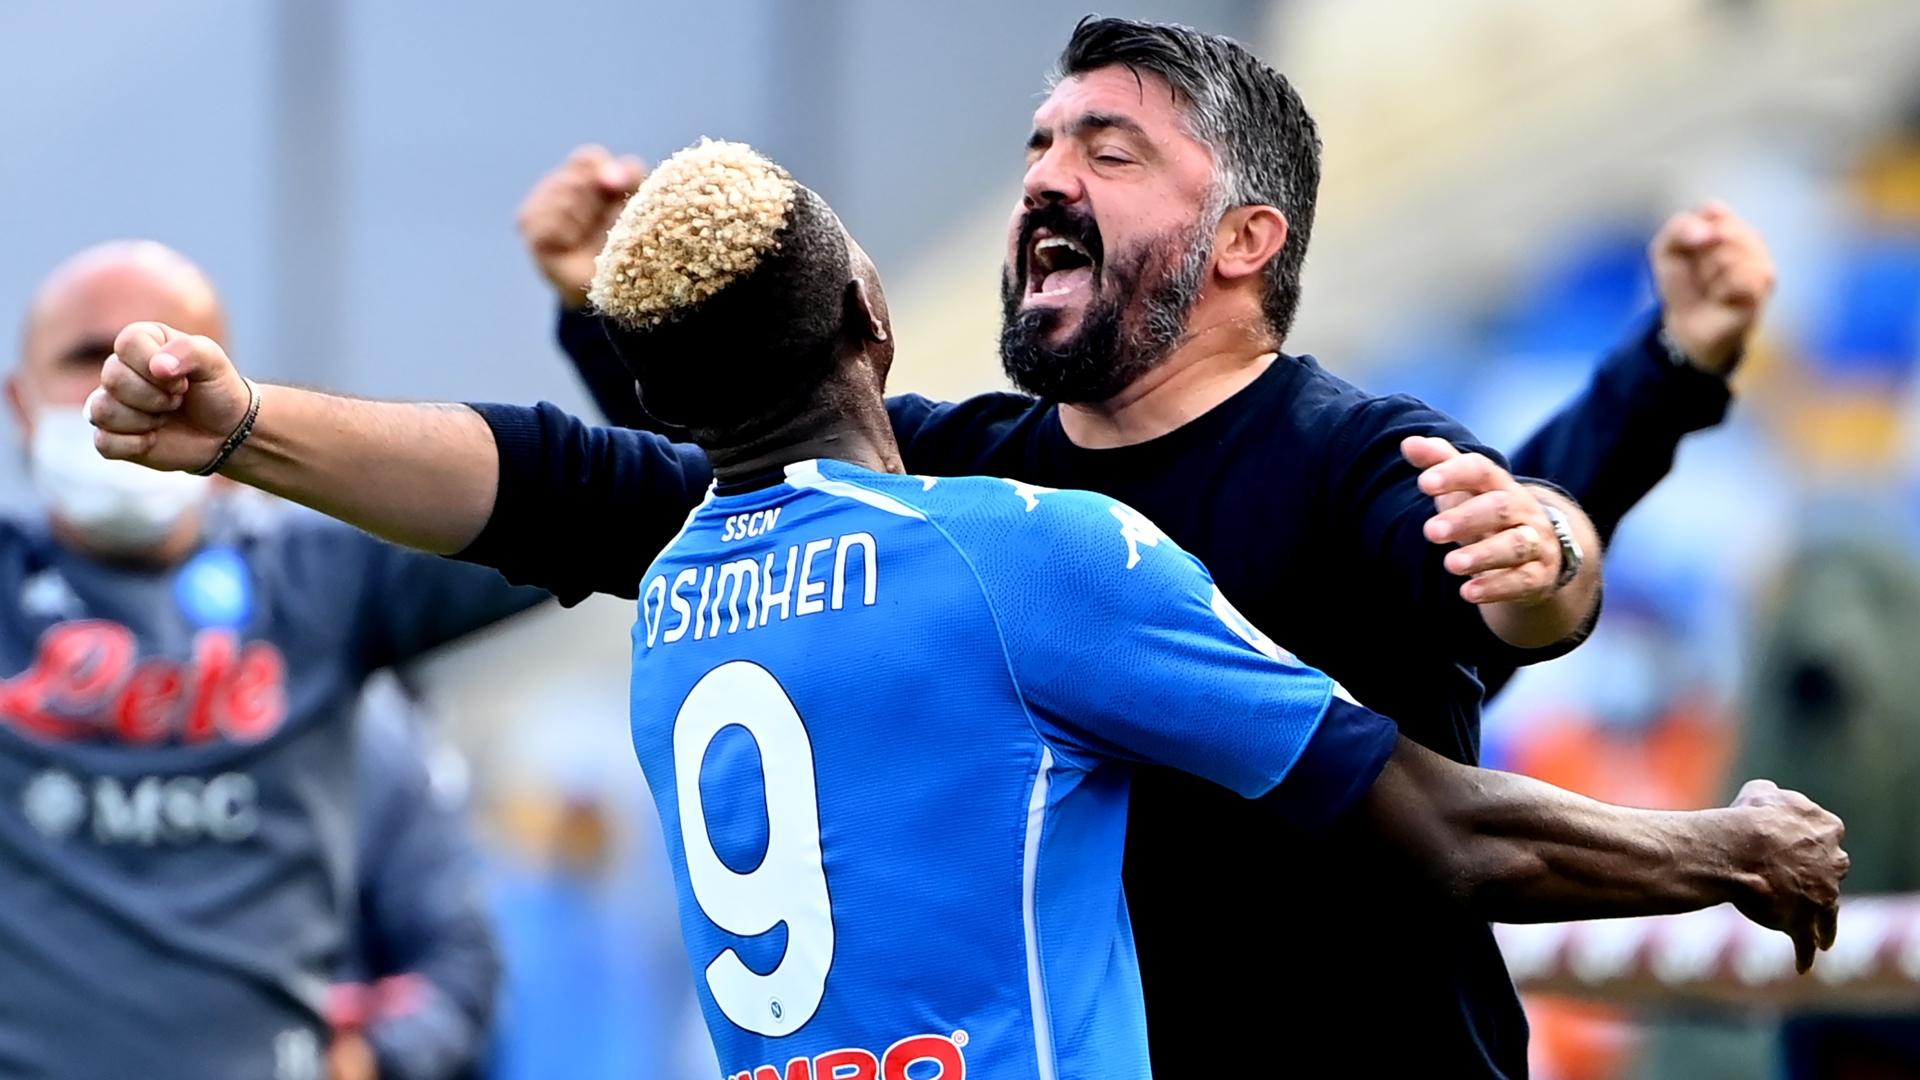 Rampant Napoli gives Atalanta dose of its own medicine